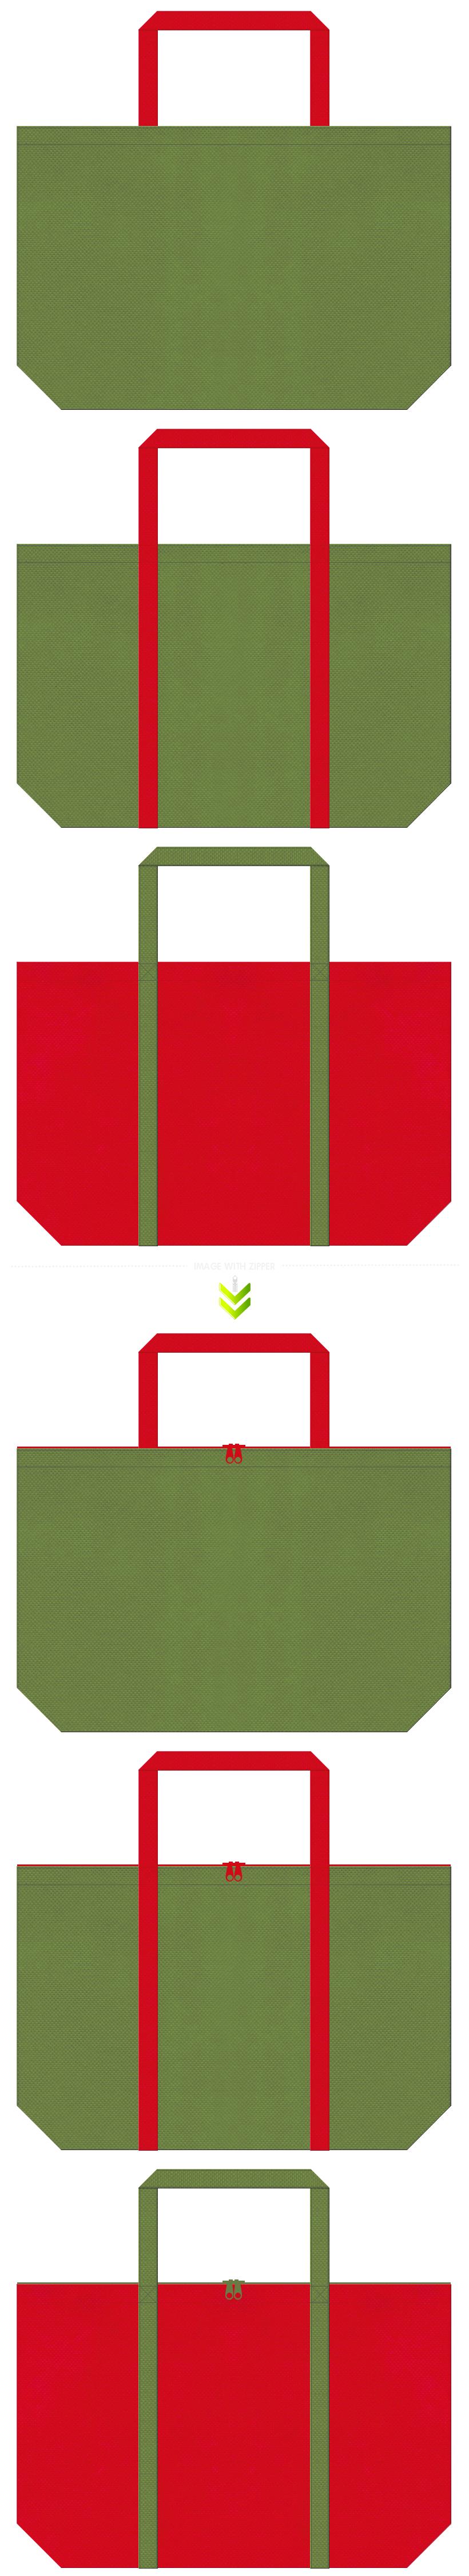 草色と紅色の不織布バッグデザイン。野点傘のイメージで、和雑貨のショッピングバッグにお奨めです。